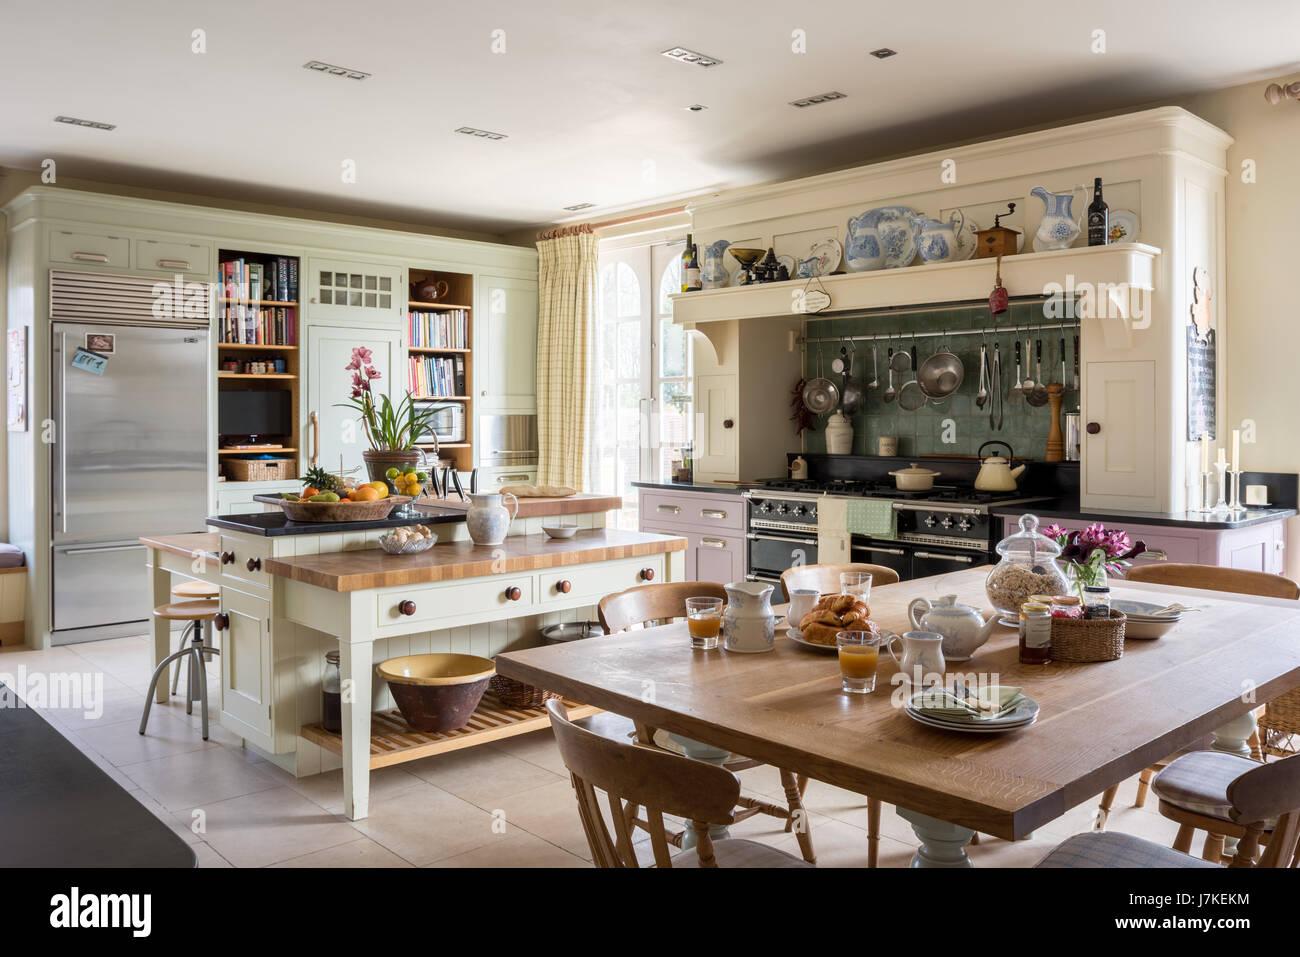 Geräumige Offene Küche Mit Schränken Eine Mischung Von Stilen Aus Mark  Wilkinson Möbel. Der Amerikanische Kühlschrank Mit Gefrierfach Ist Von  Sub Zero